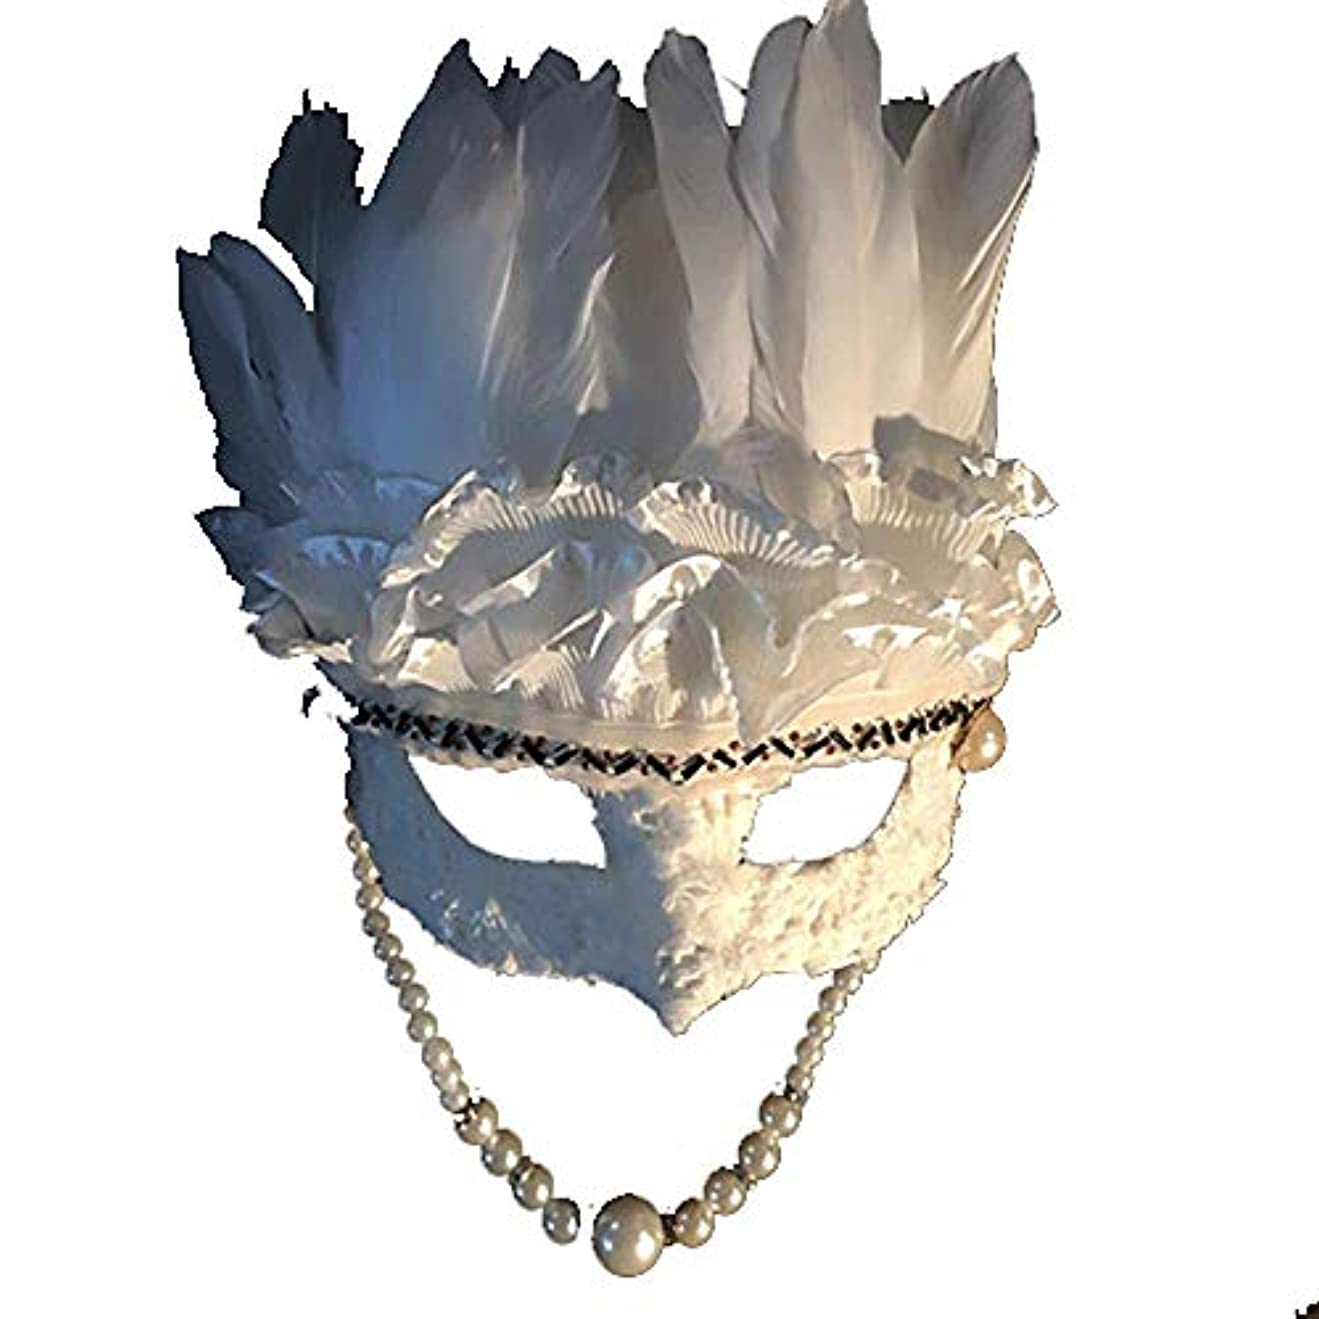 狂う音楽を聴く動力学Nanle ハロウィンクリスマスフェザースパンコール刺繍ビーズマスク仮装マスクレディミスプリンセス美容祭パーティーデコレーションマスク